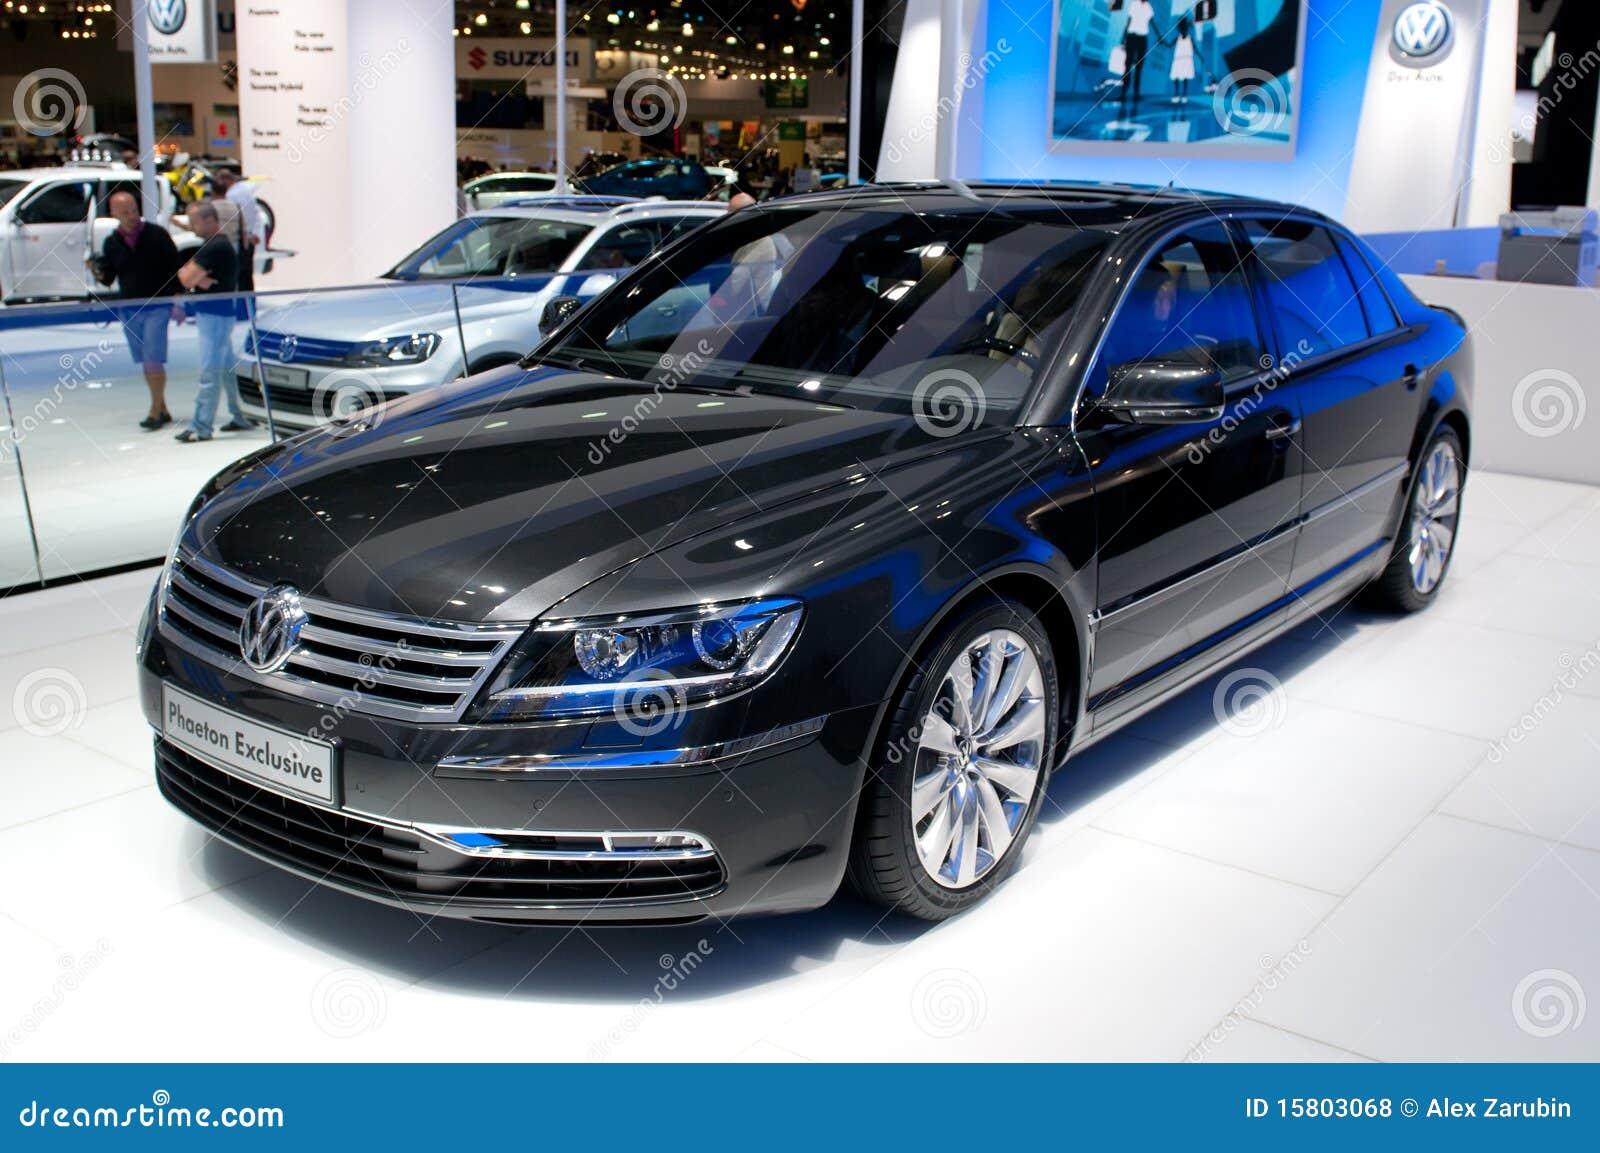 Exclusiva del faetón de Volkswagen - premier europea